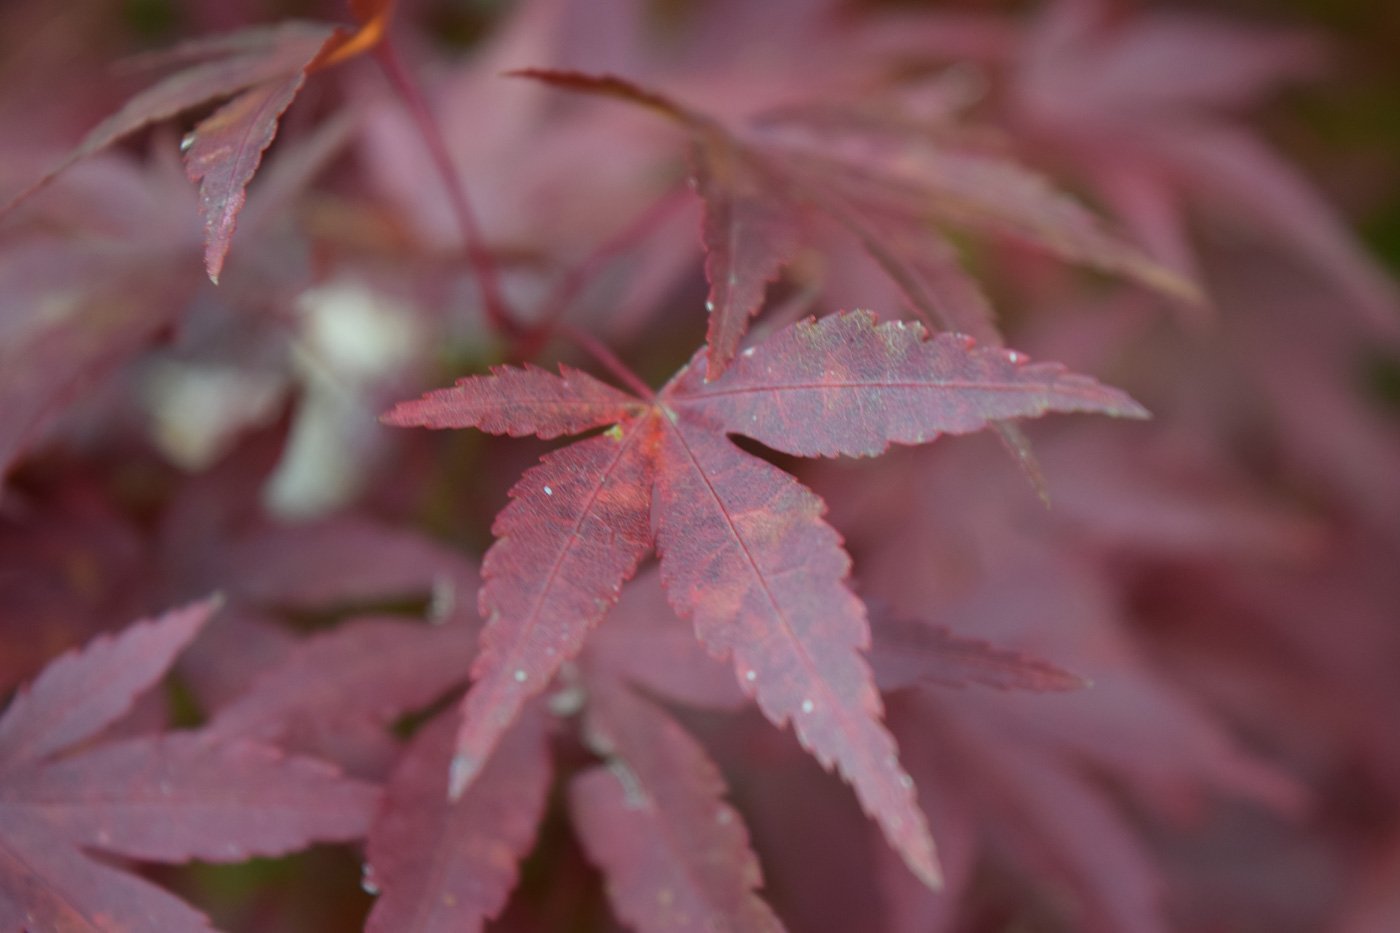 Le eleganti foglie lobate di <i>Acer palmatum</i>, il più aristocratico degli aceri giapponesi.